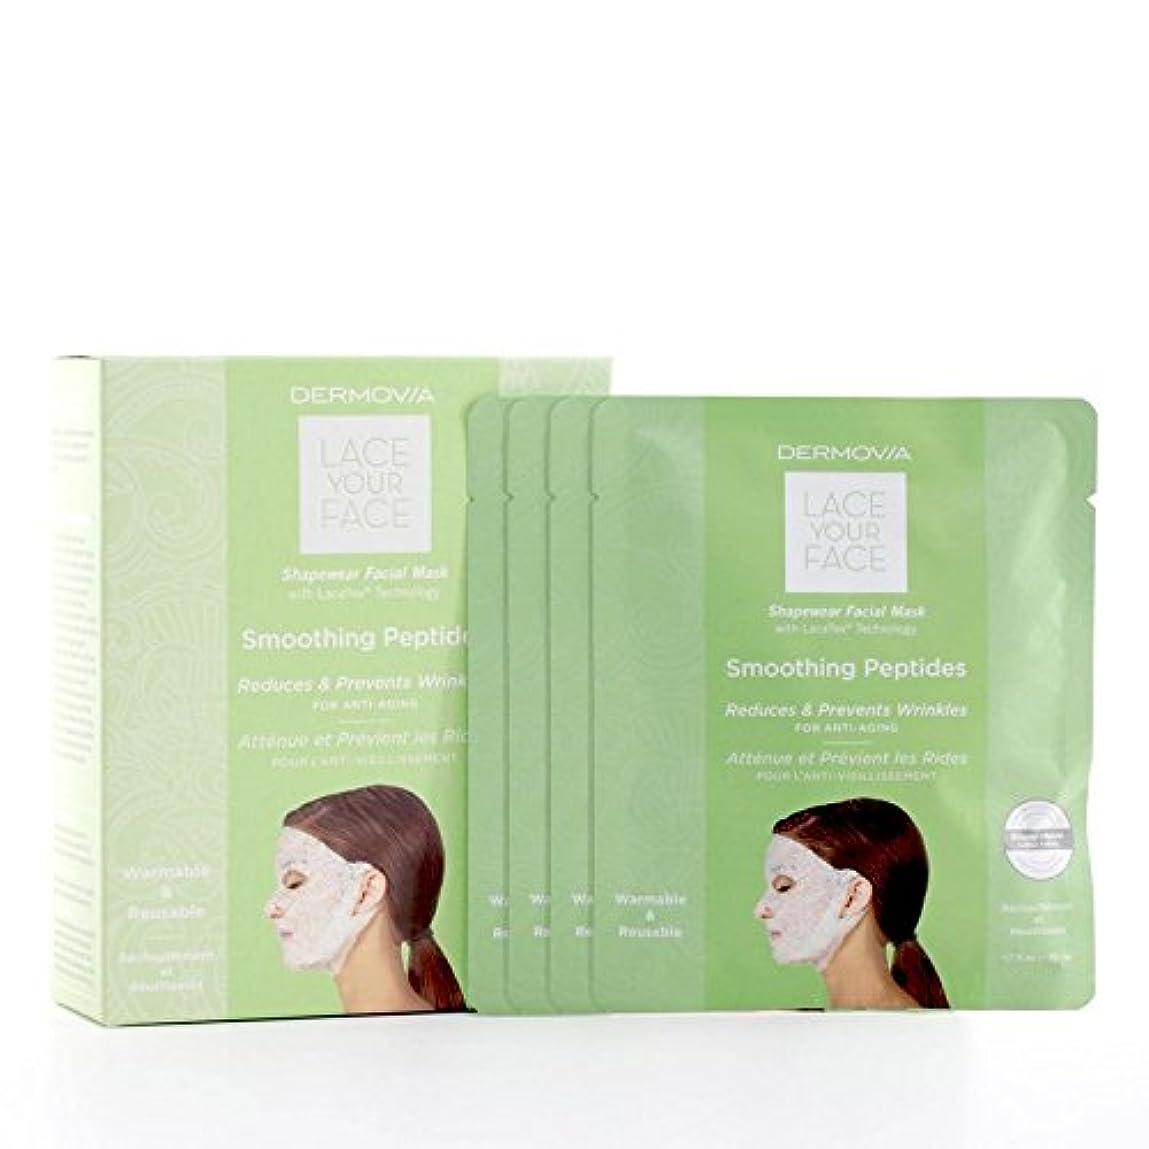 ファンブル期間日帰り旅行にDermovia Lace Your Face Compression Facial Mask Smoothing Peptides - は、あなたの顔の圧縮フェイシャルマスク平滑化ペプチドをひもで締めます [並行輸入品]